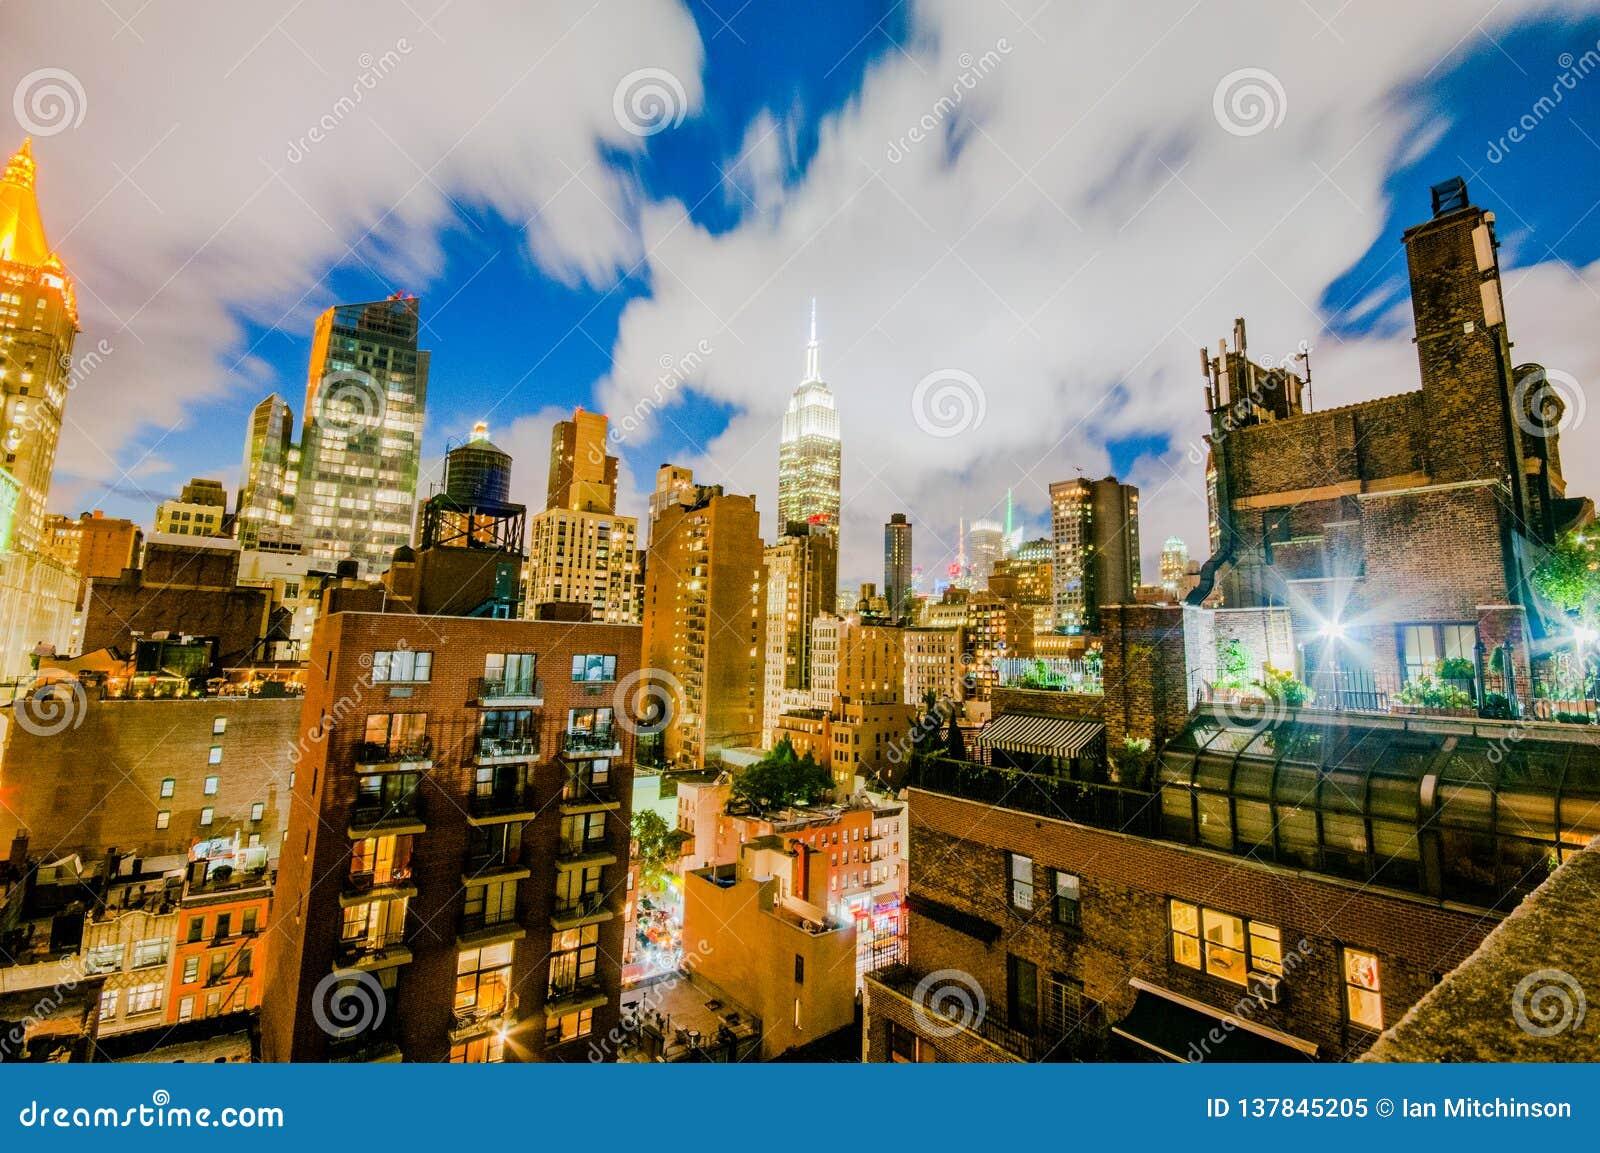 Skyline von Manhatten nachts von der Spitze eines Gebäudes